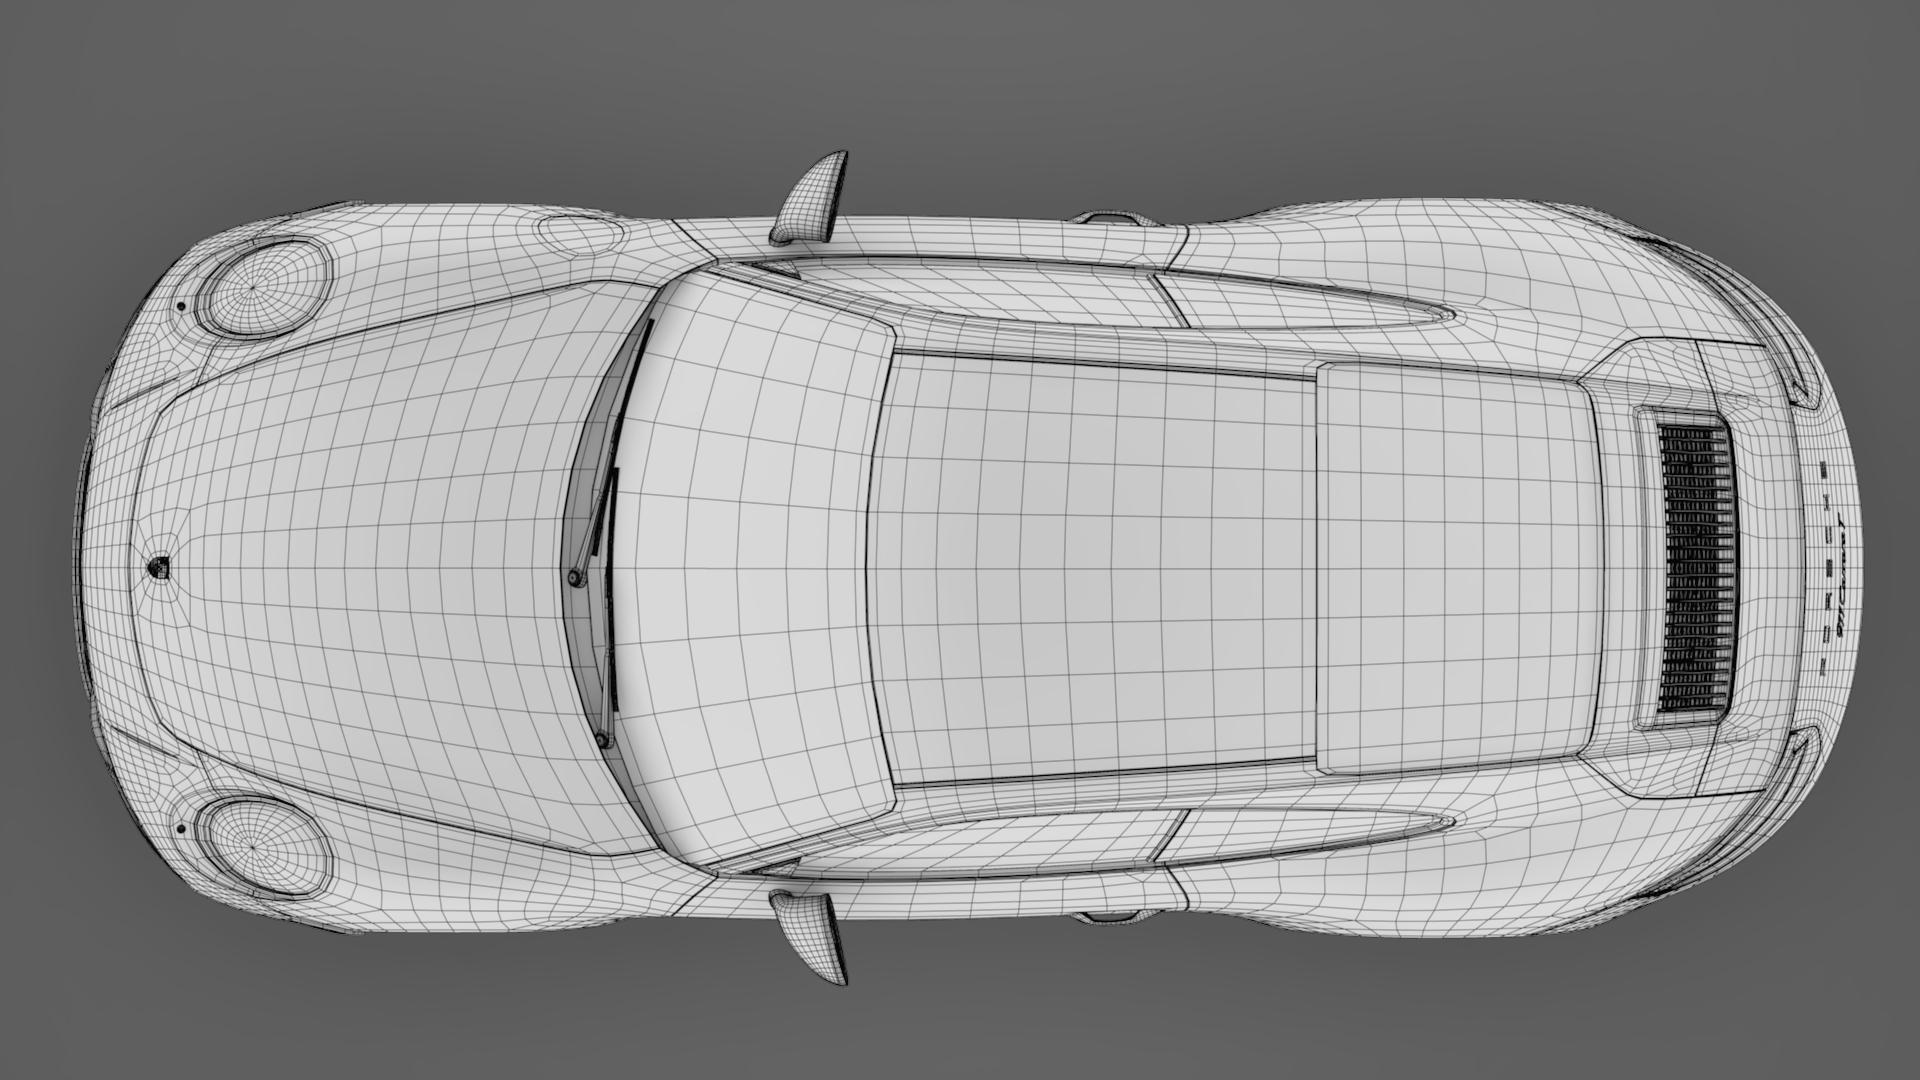 porsche 911 carrera t coupe (991) 2018 3d model max fbx c4d lwo ma mb hrc xsi obj 278982